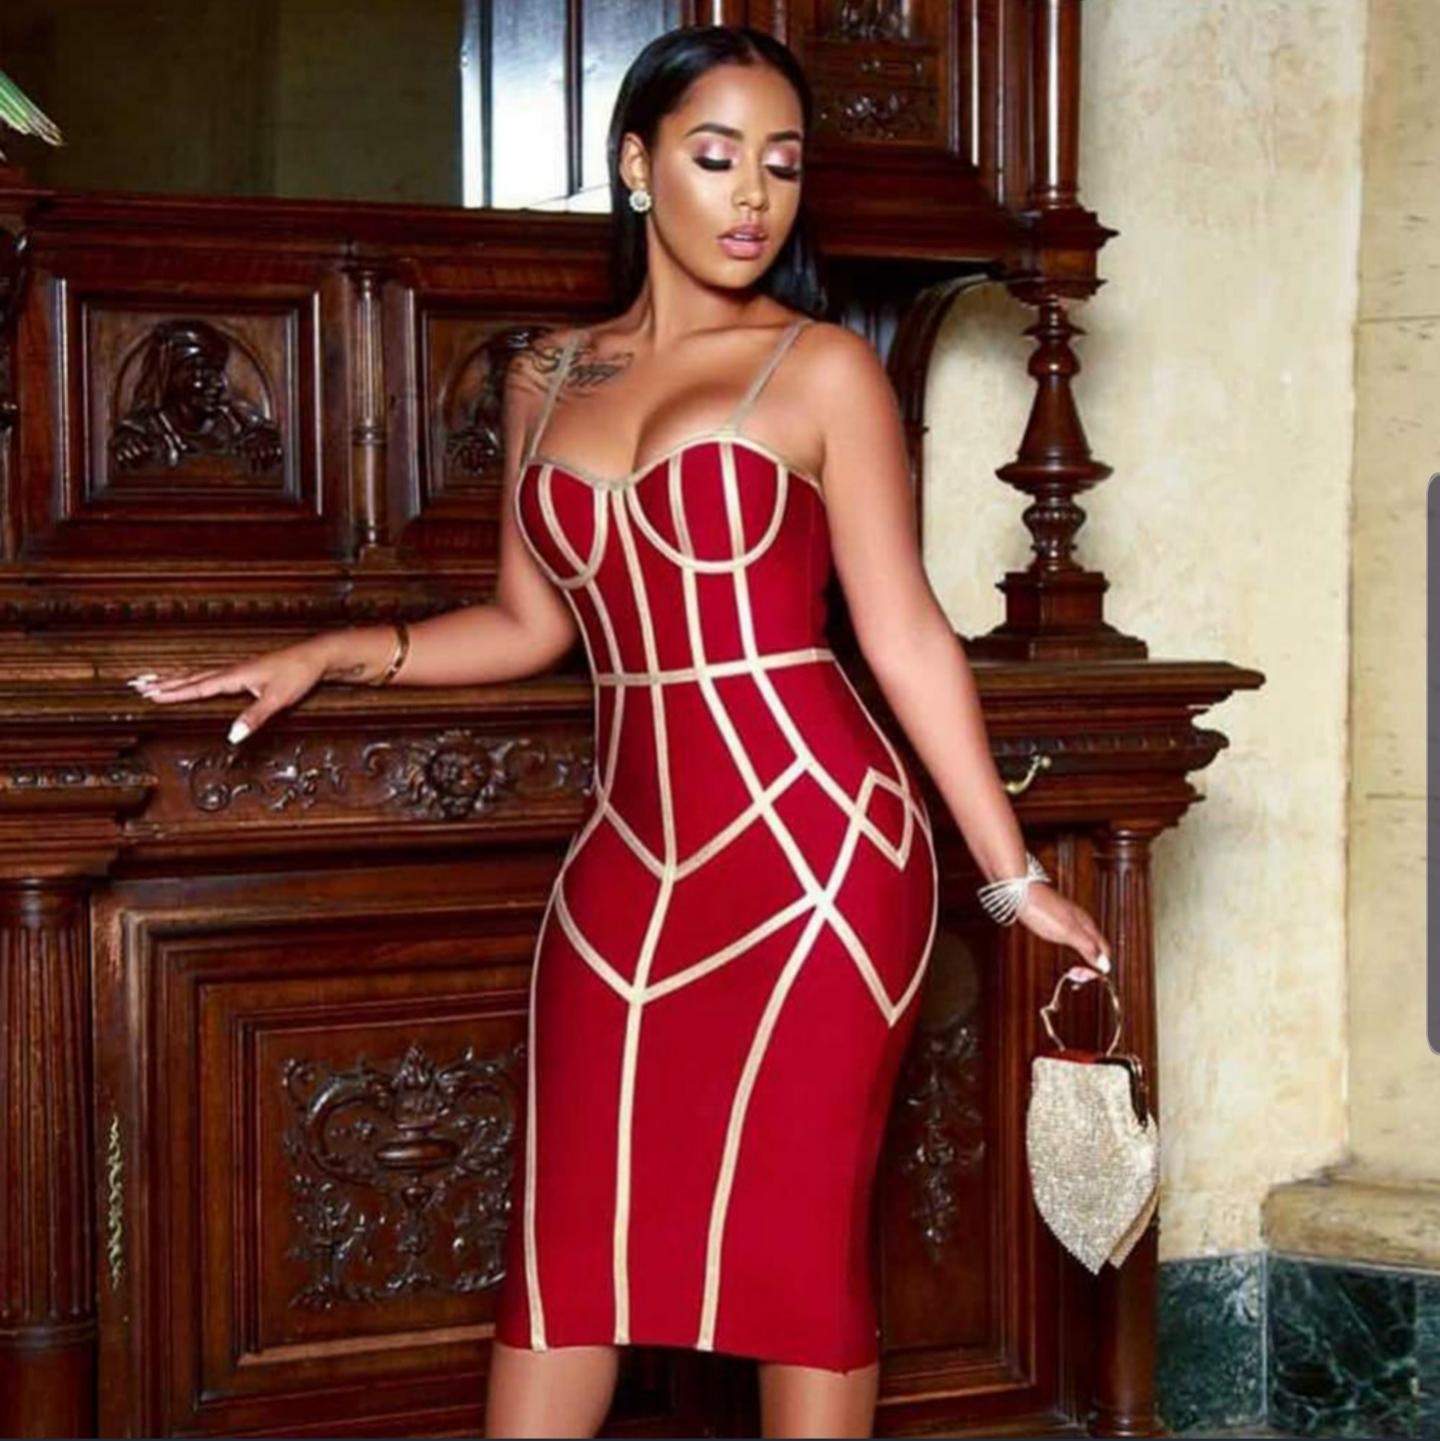 'Advisor' bandage dress